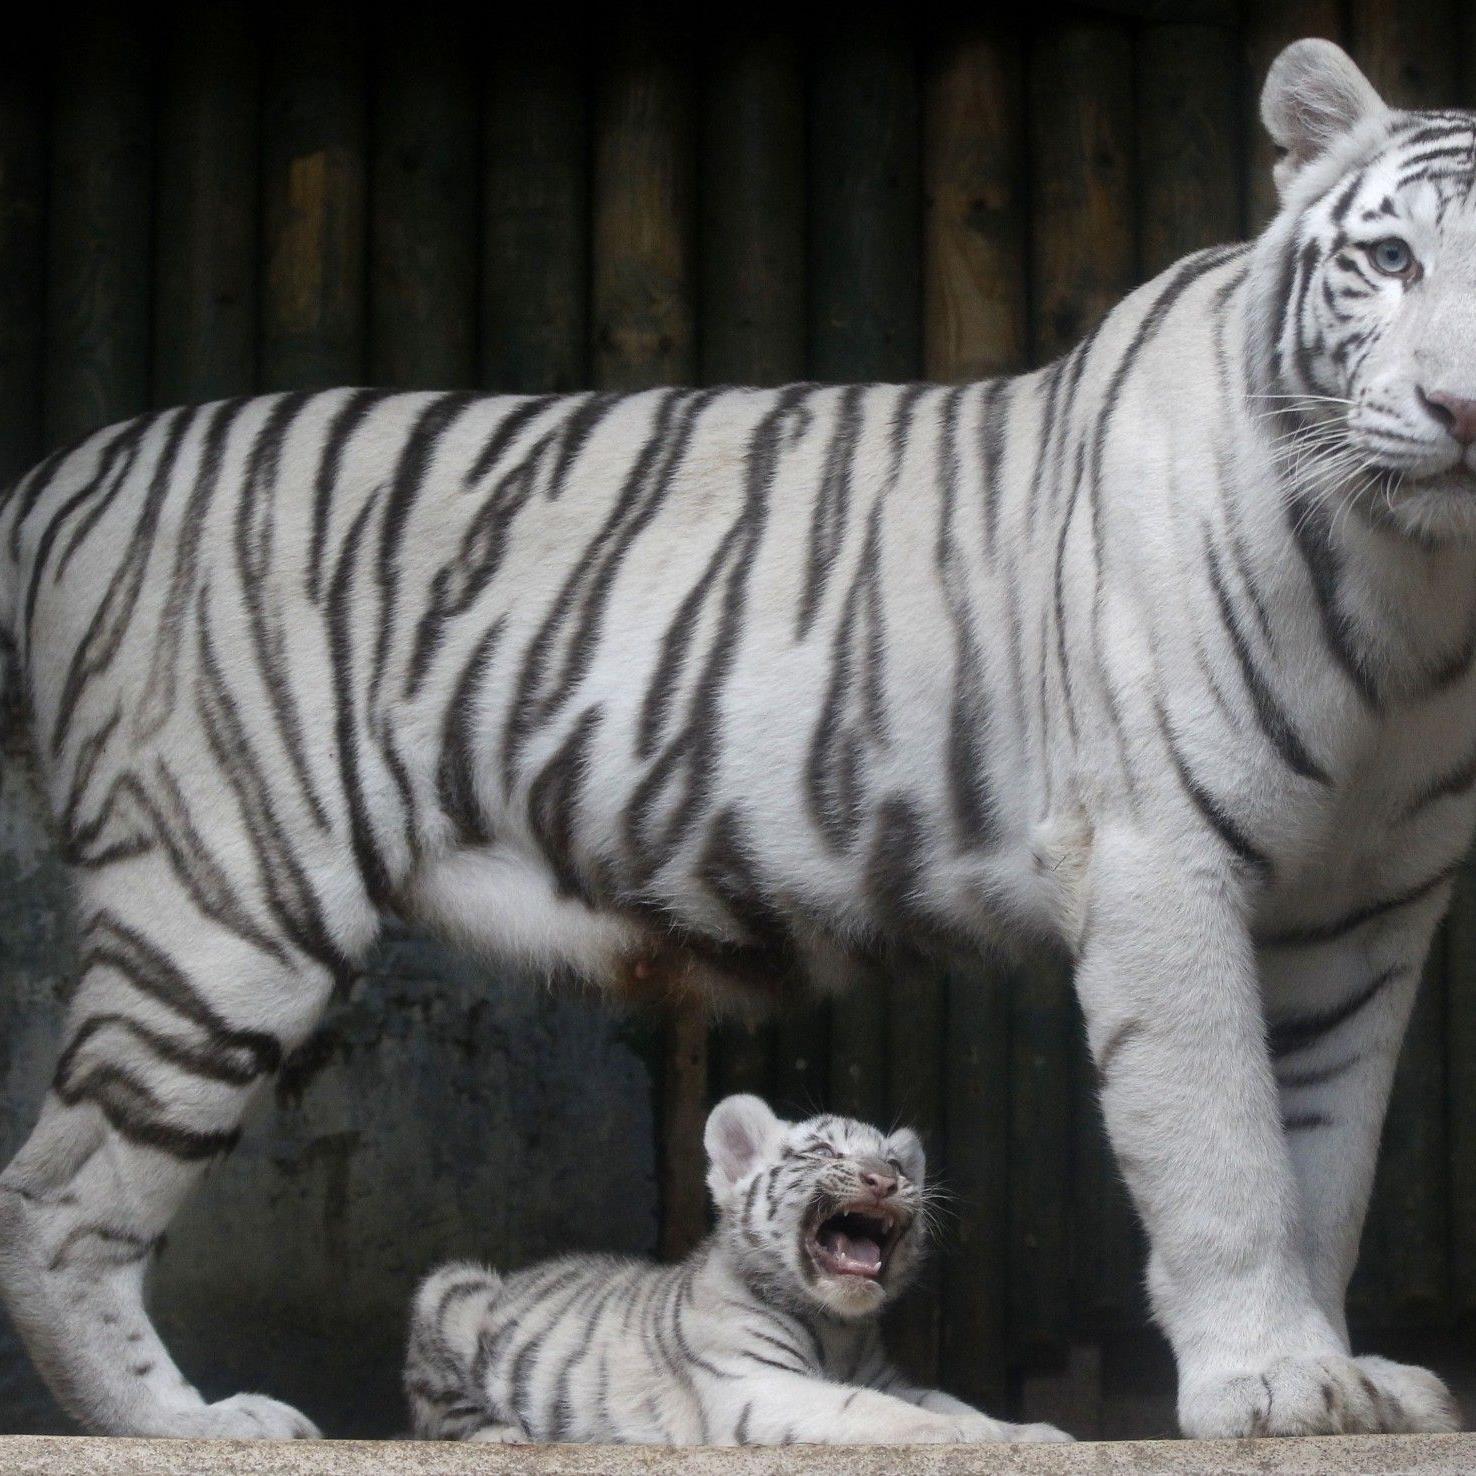 Nach der Attacke konnte der Tiger aus seinem Gehege fliehen.